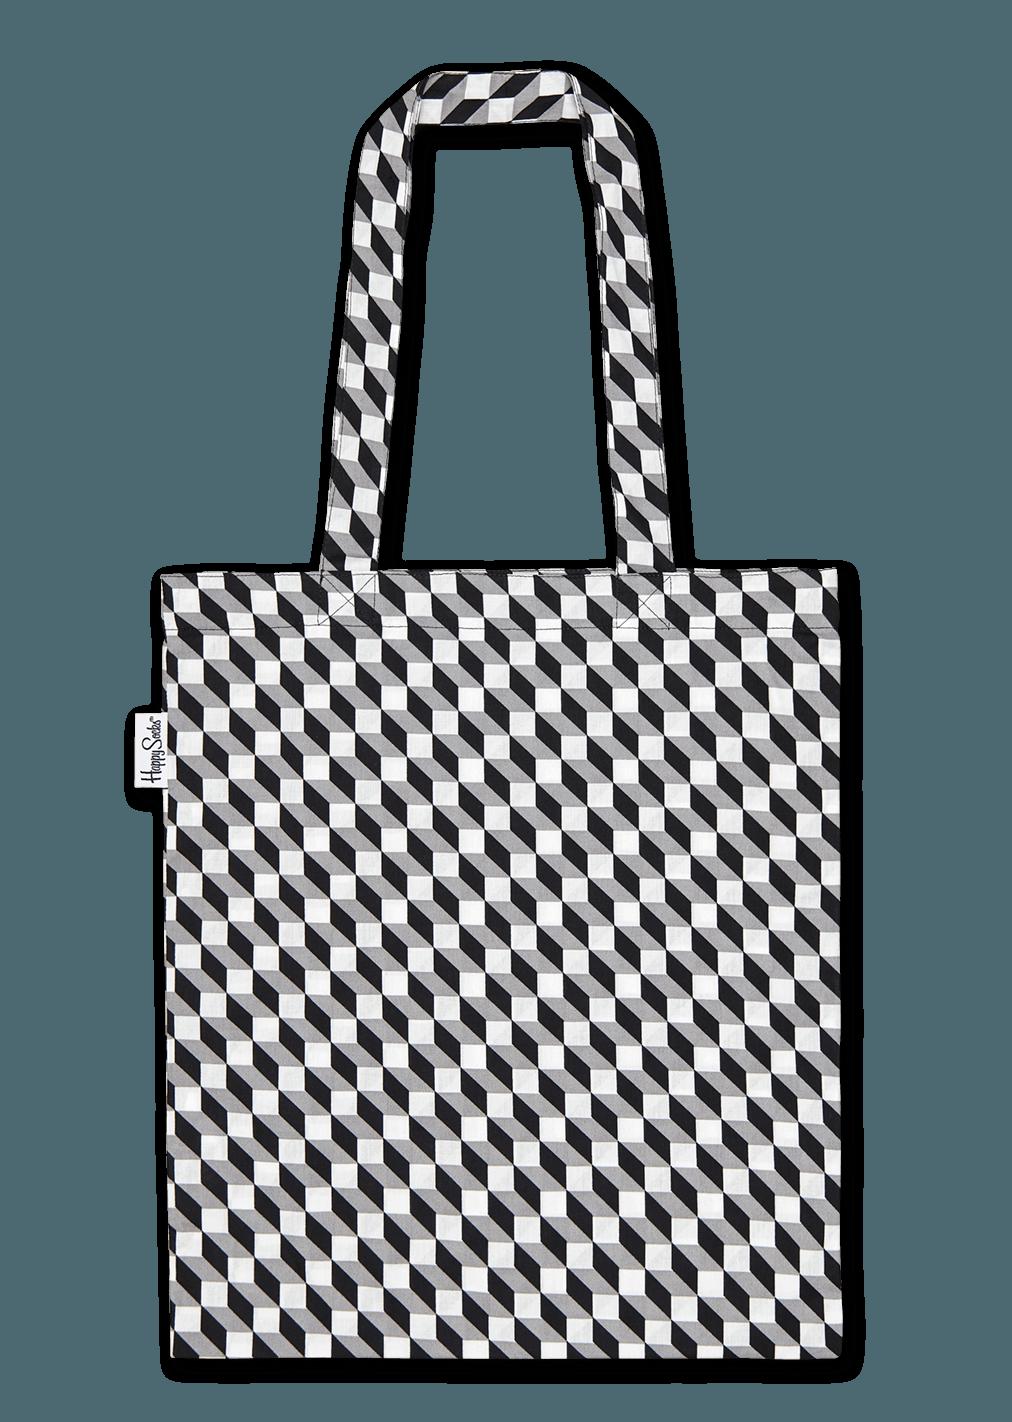 Filled Optic Tote Bag